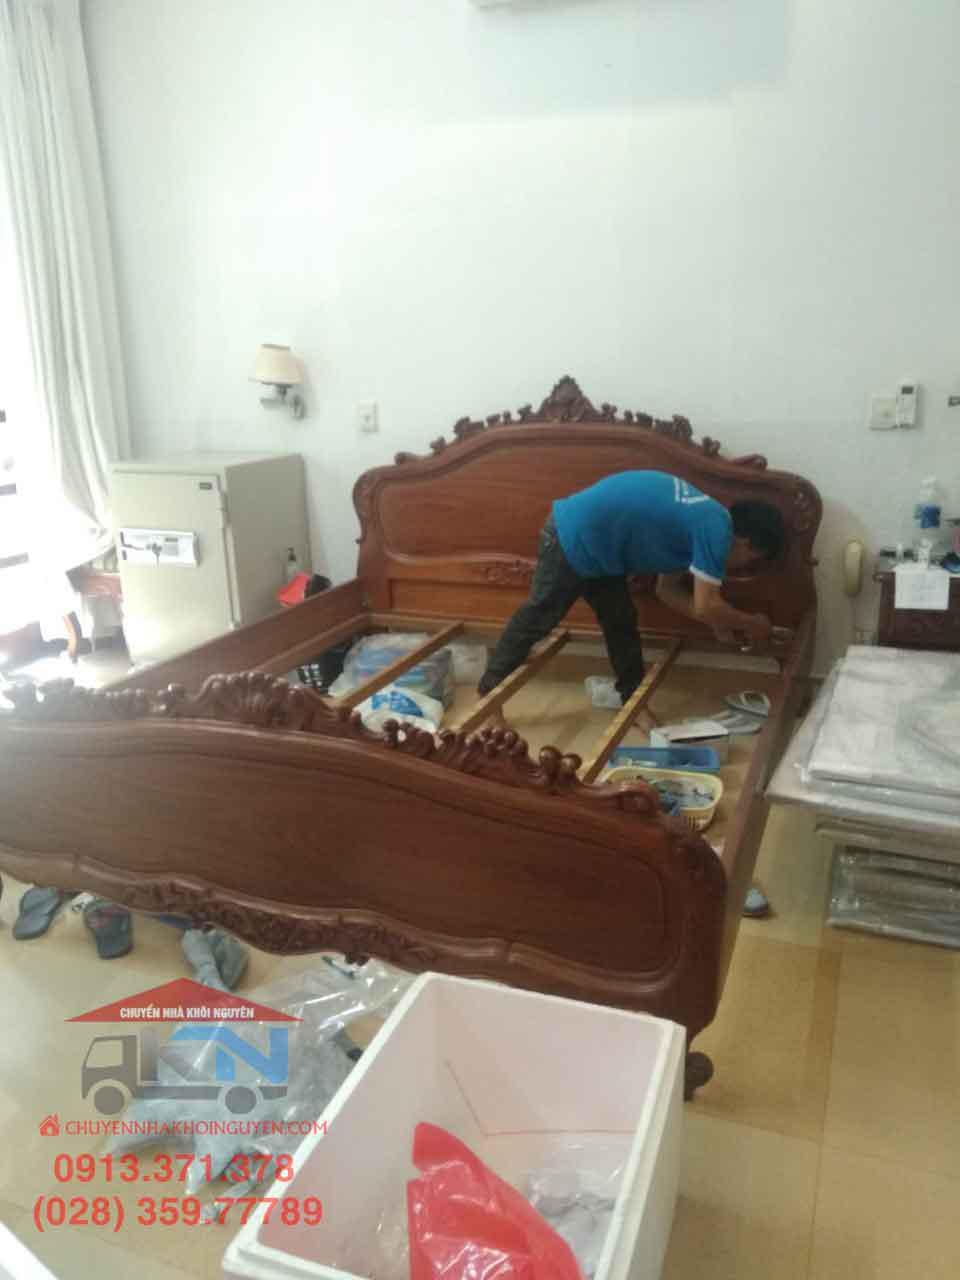 Dịch vụ tháo lắp giường tủ giá rẻ Quận 2